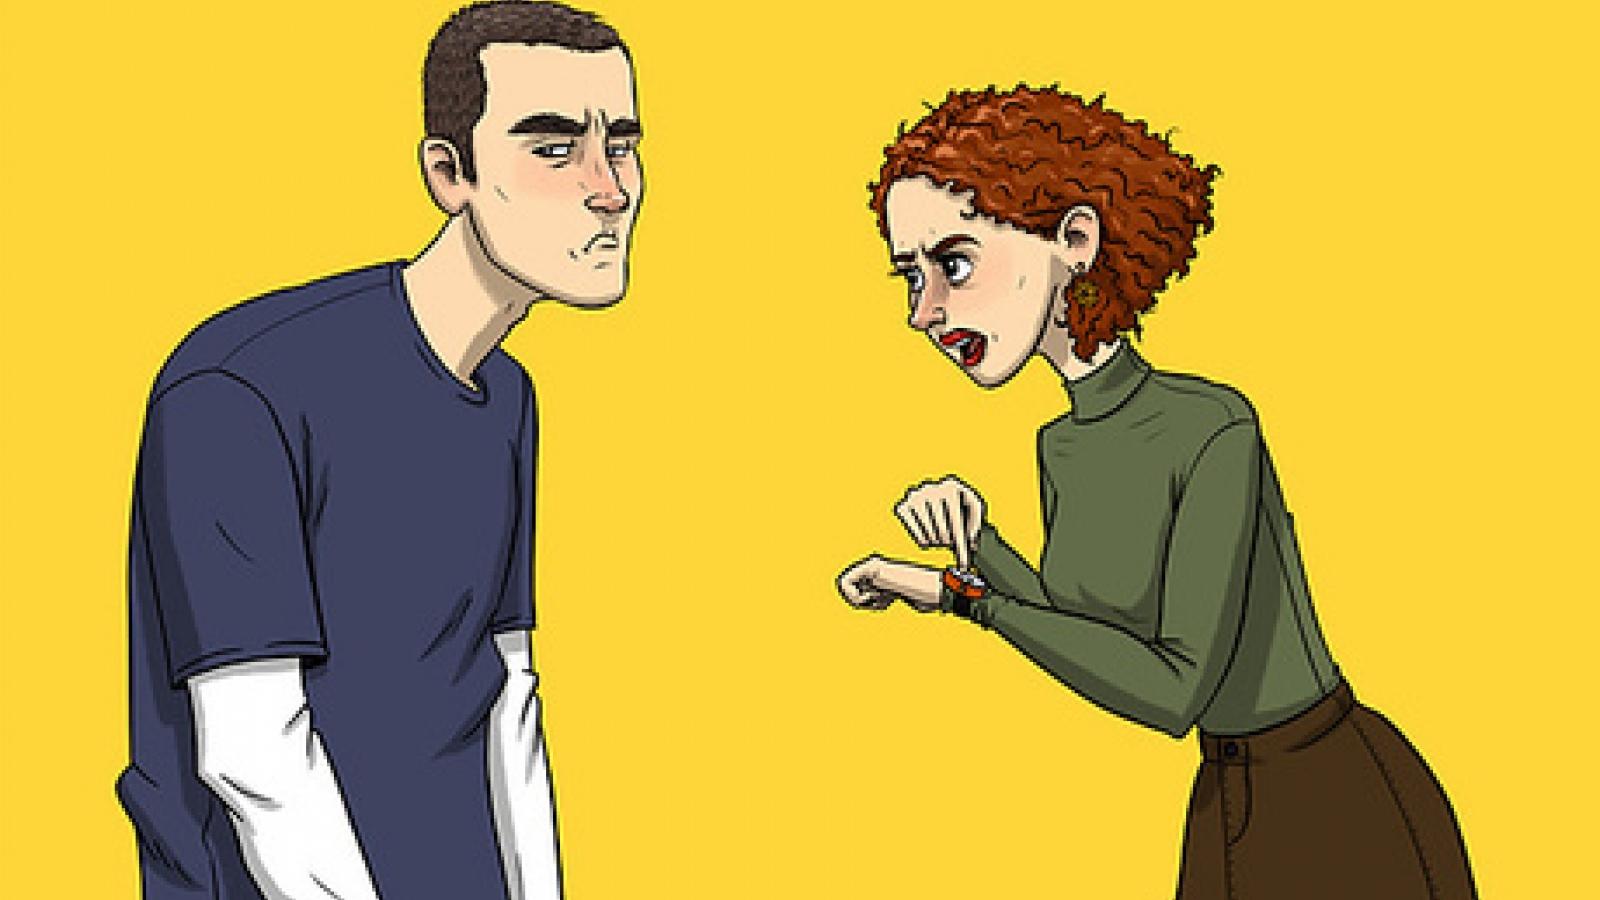 """Ranh giới giữa """"quan tâm"""" và """"kiểm soát"""" trong một mối quan hệ"""